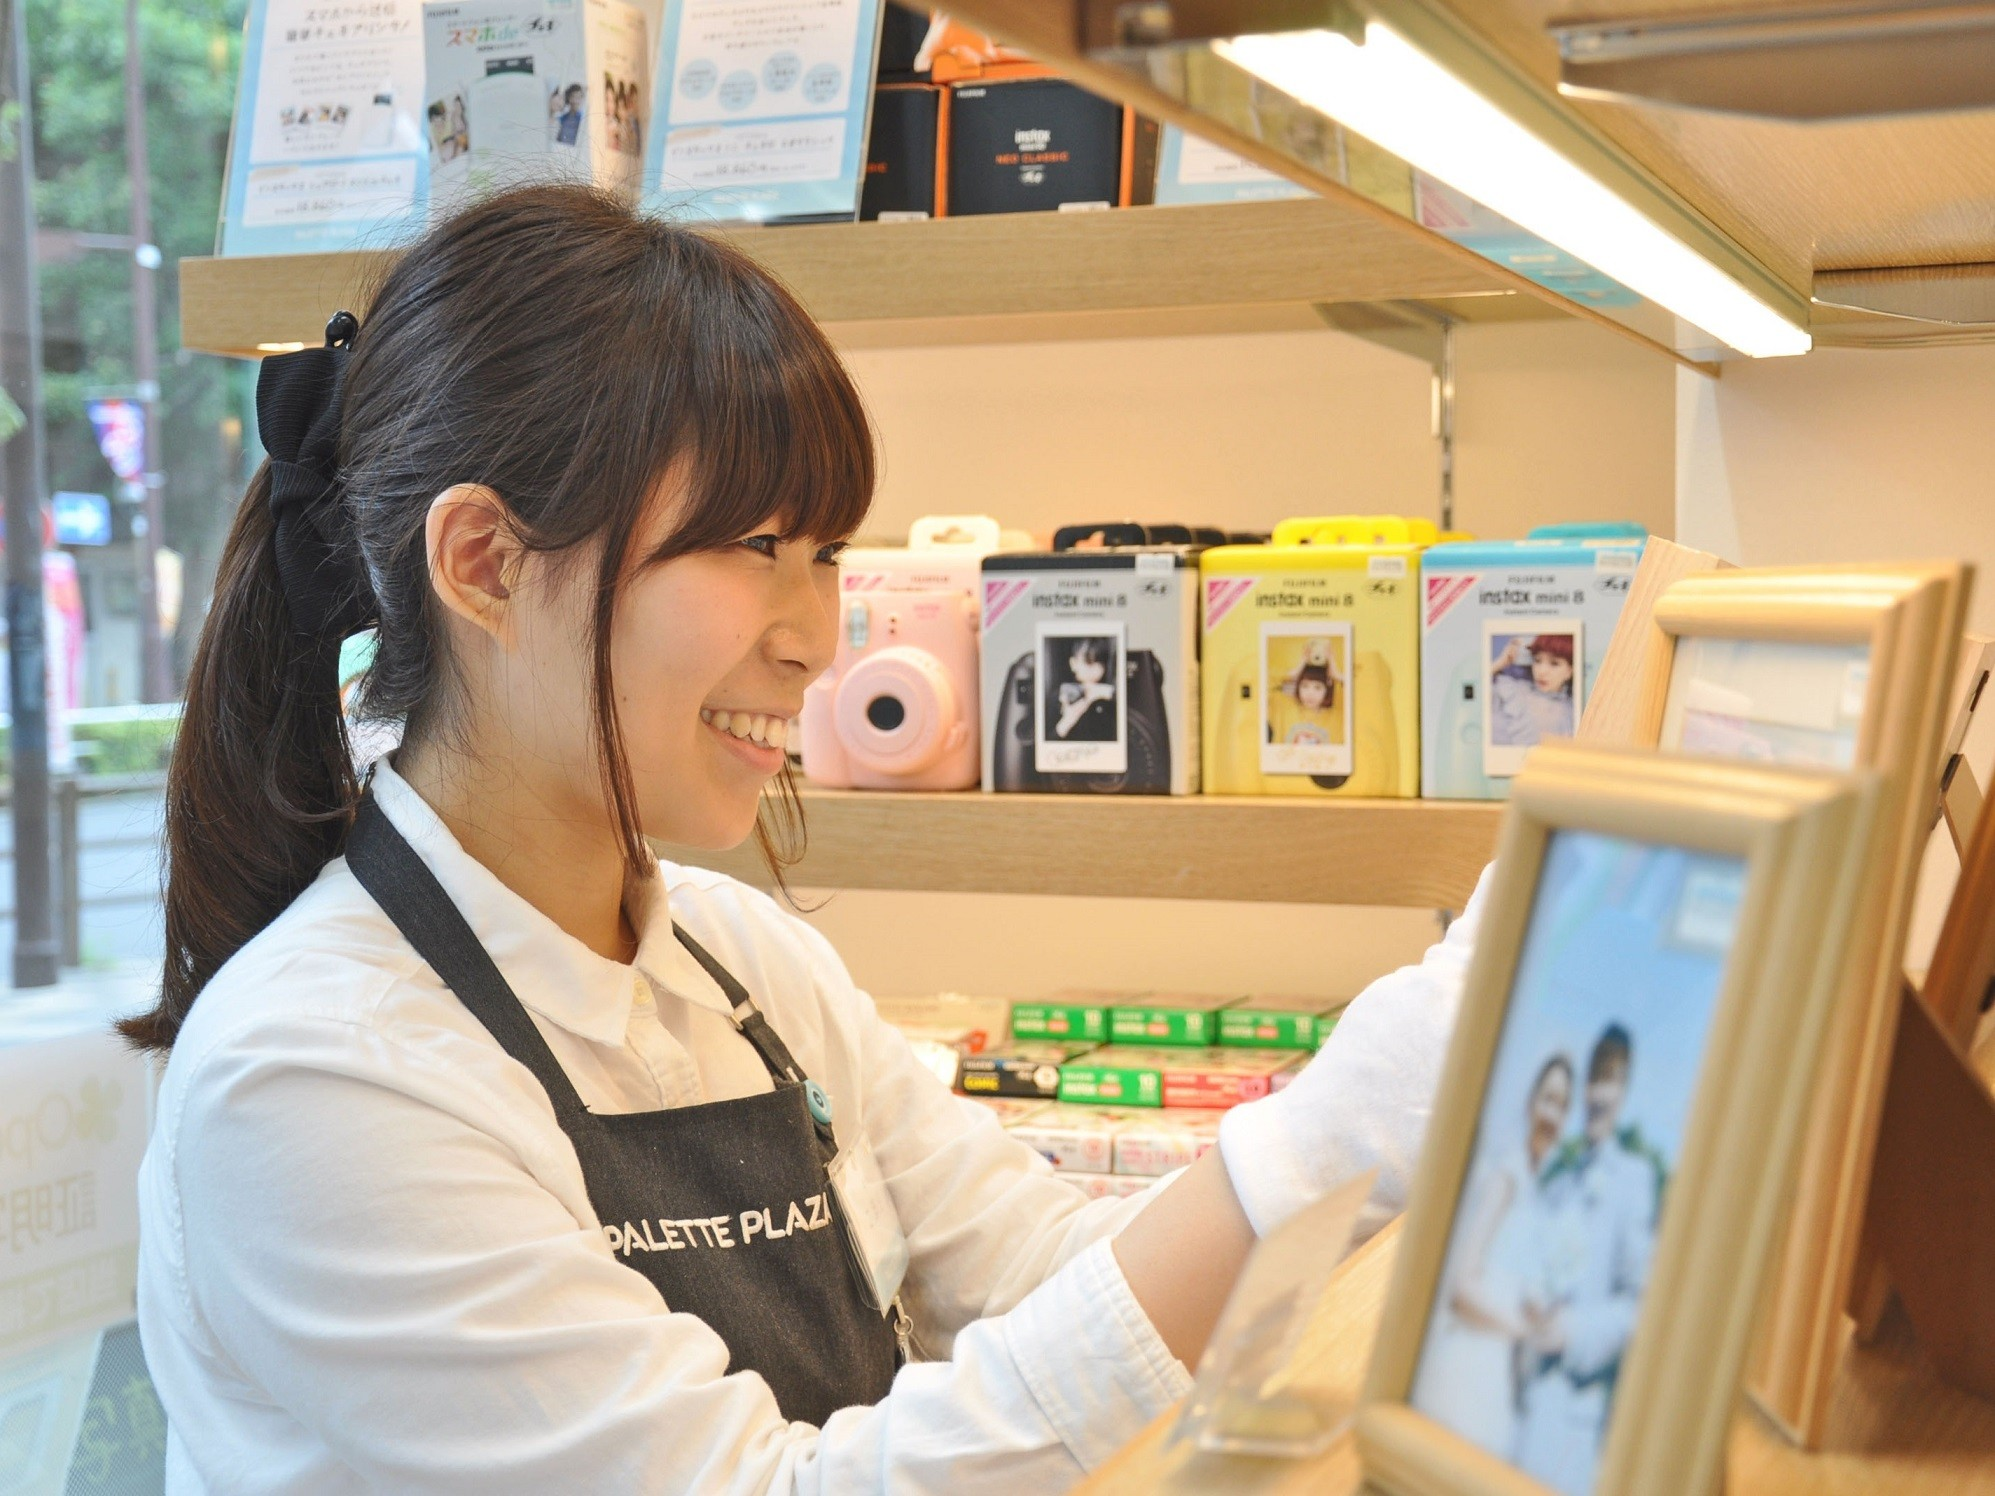 パレットプラザ 武蔵小山店<短期募集>のアルバイト情報